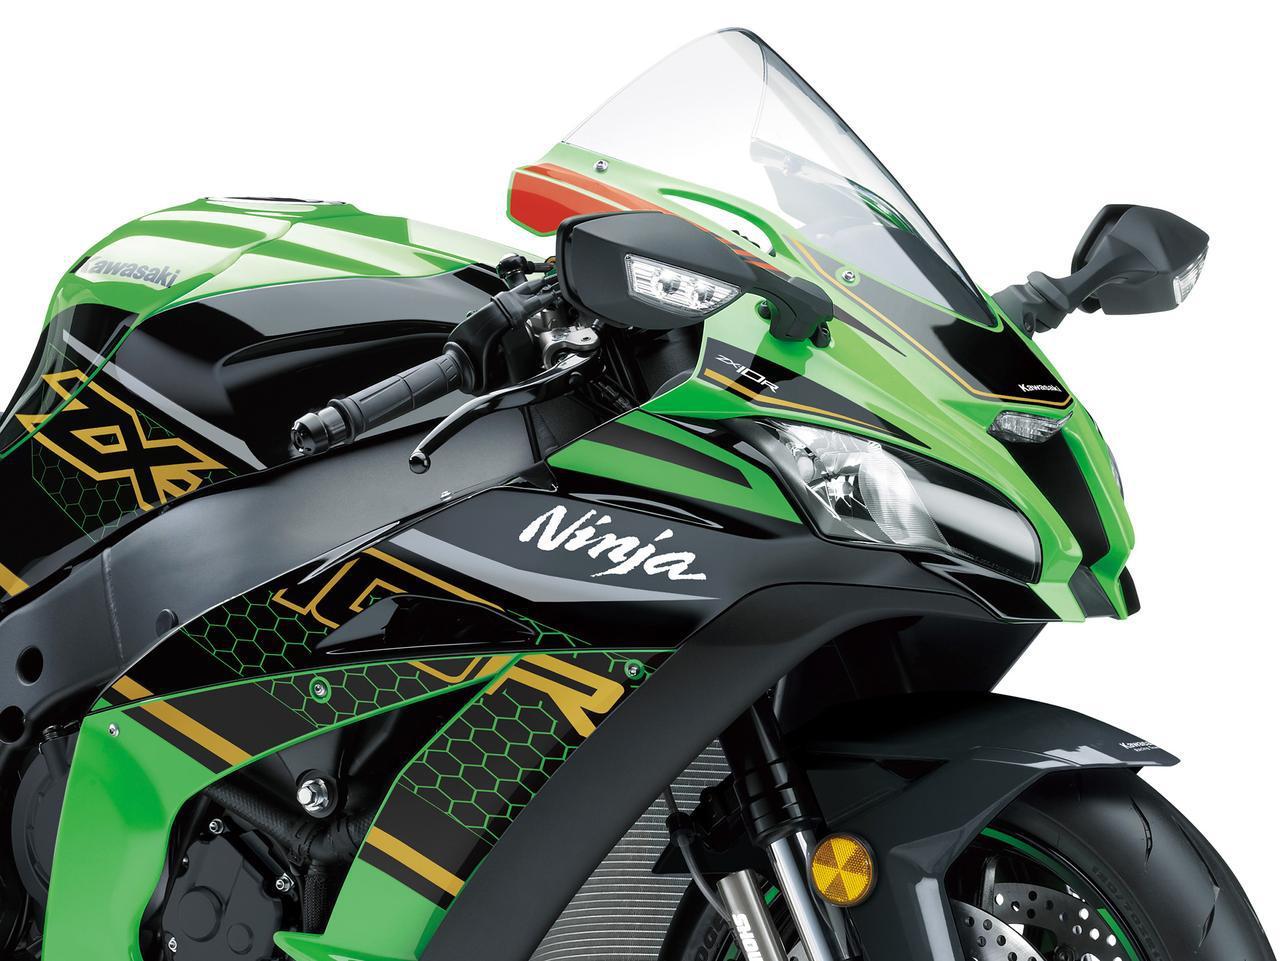 画像: カワサキが「Ninja ZX-10R KRT EDITION」の2020年モデルを11月15日に発売開始! - webオートバイ